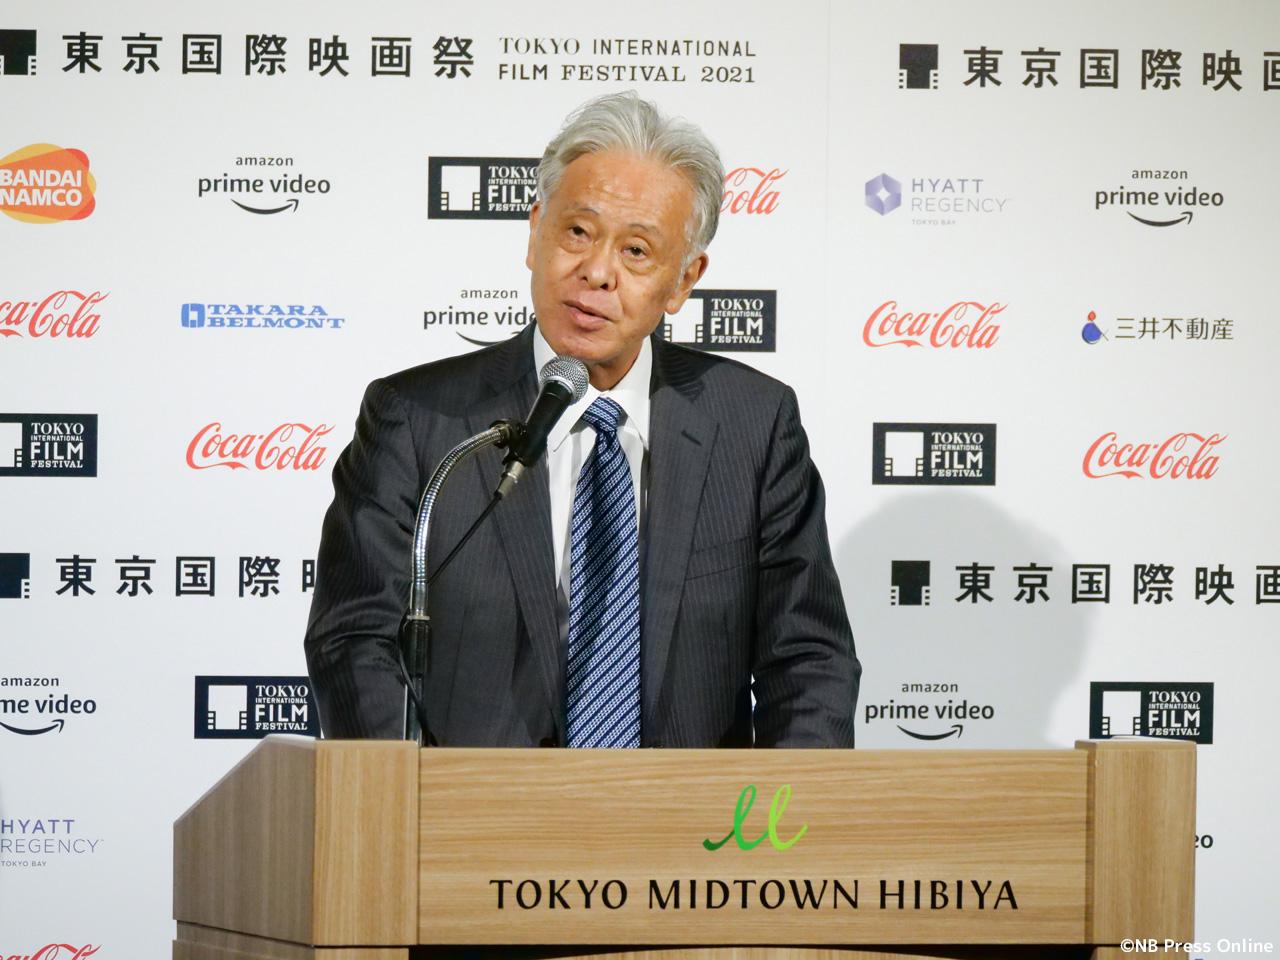 東京国際映画祭チェアマン 安藤裕康